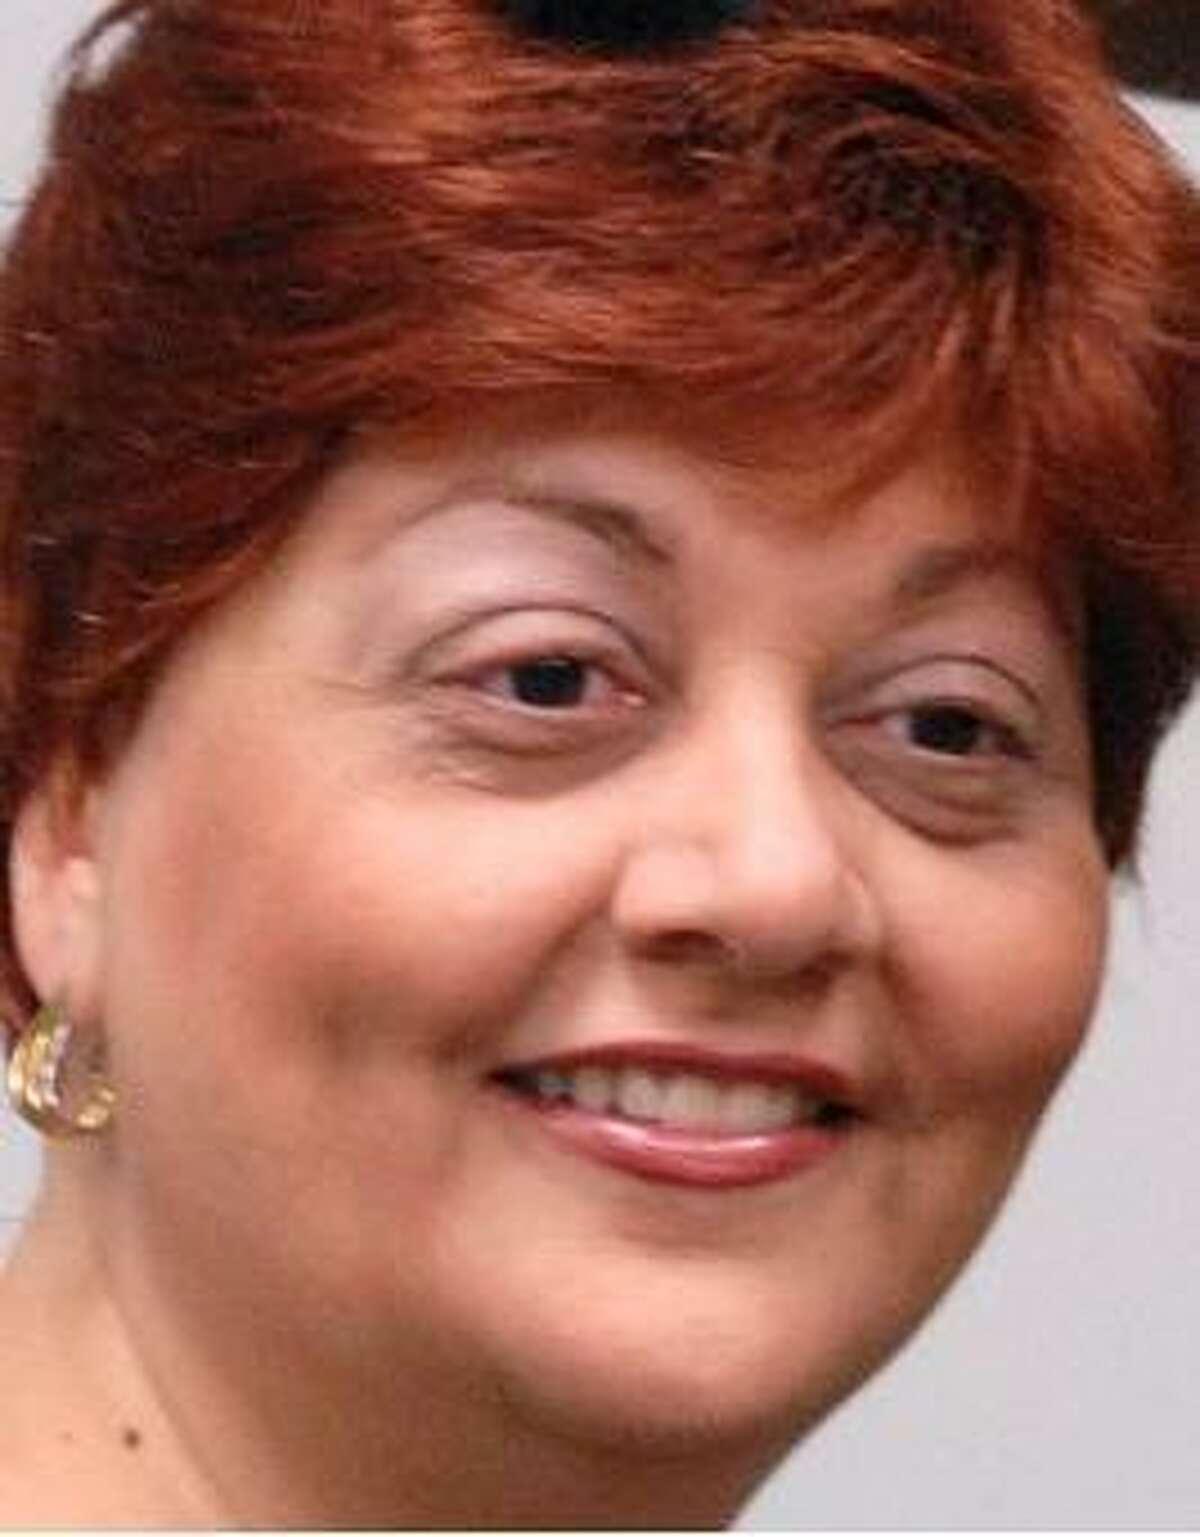 Ann DeMatteo